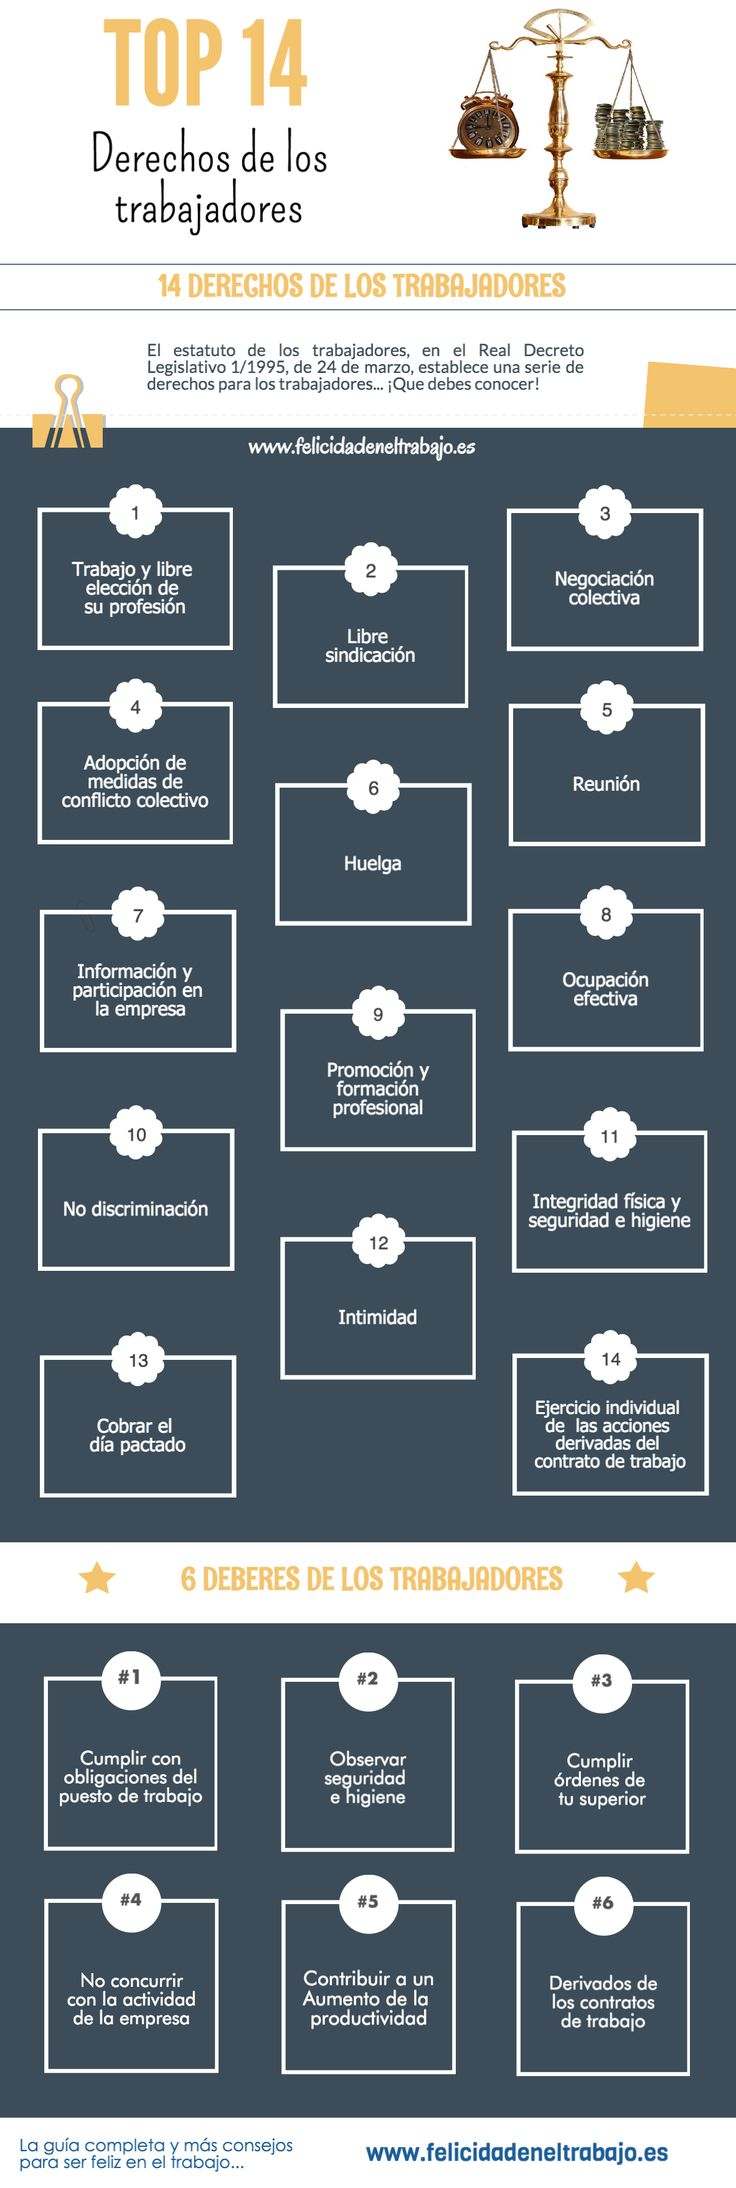 14 derechos de los trabajadores en #España